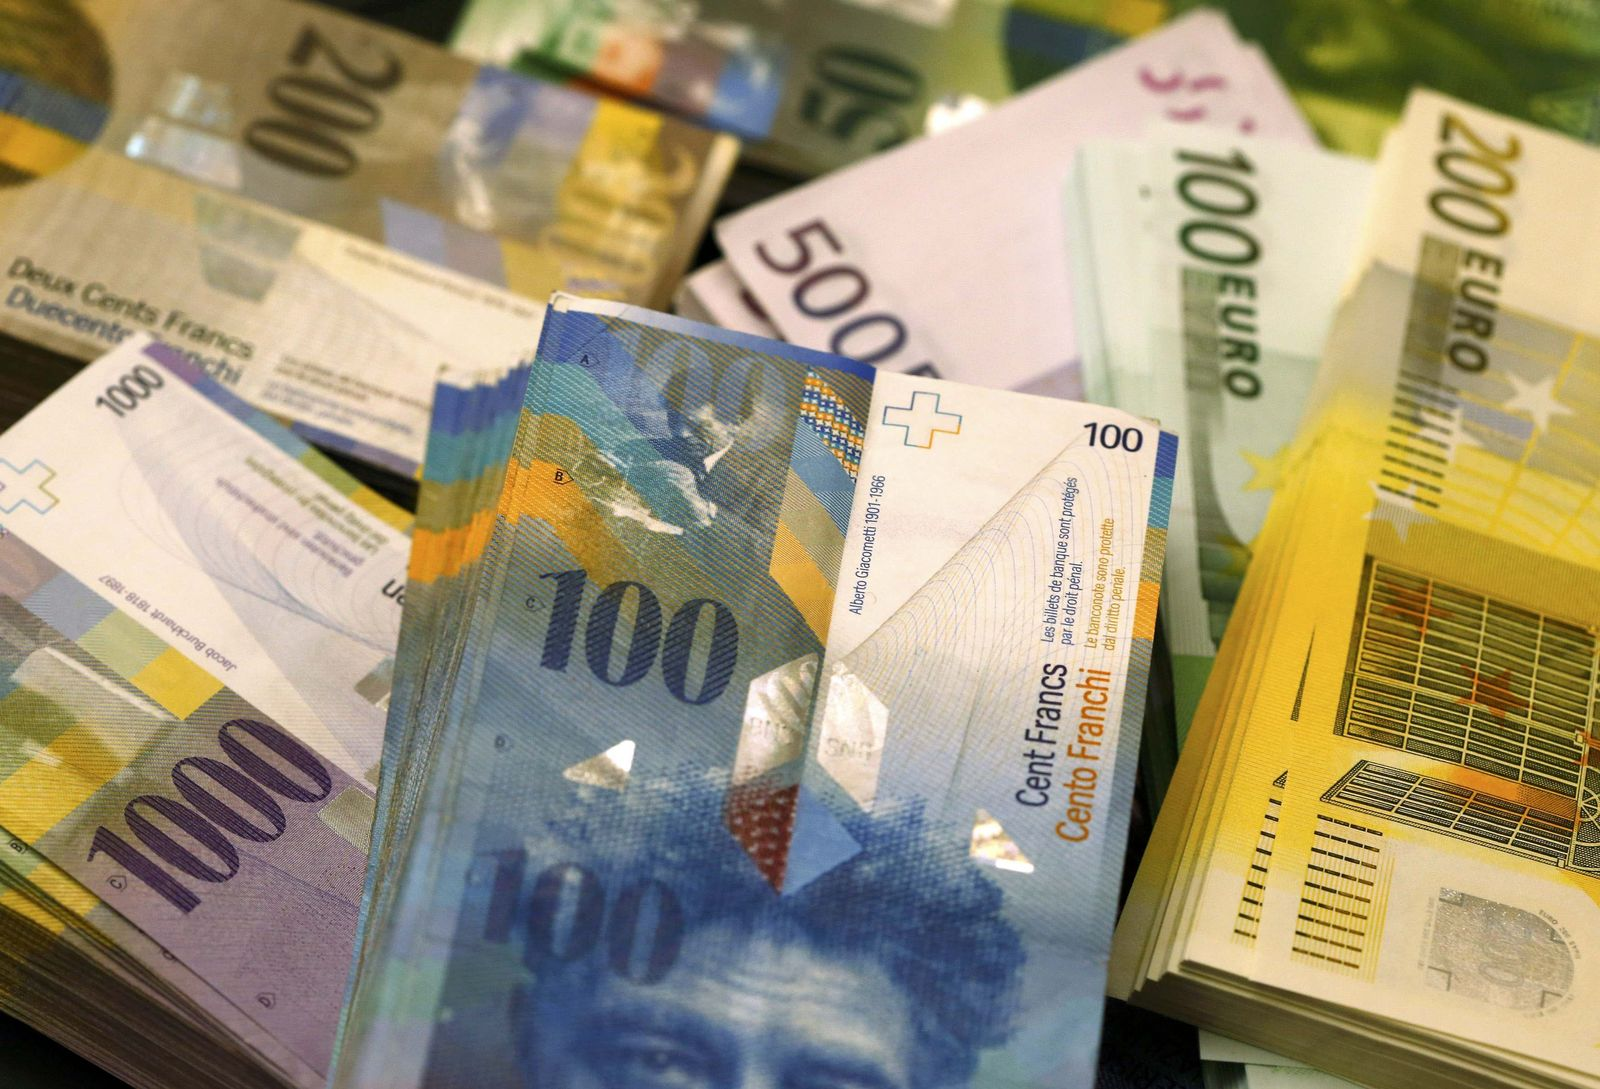 Schweizer Franken/ Euro-Banknoten